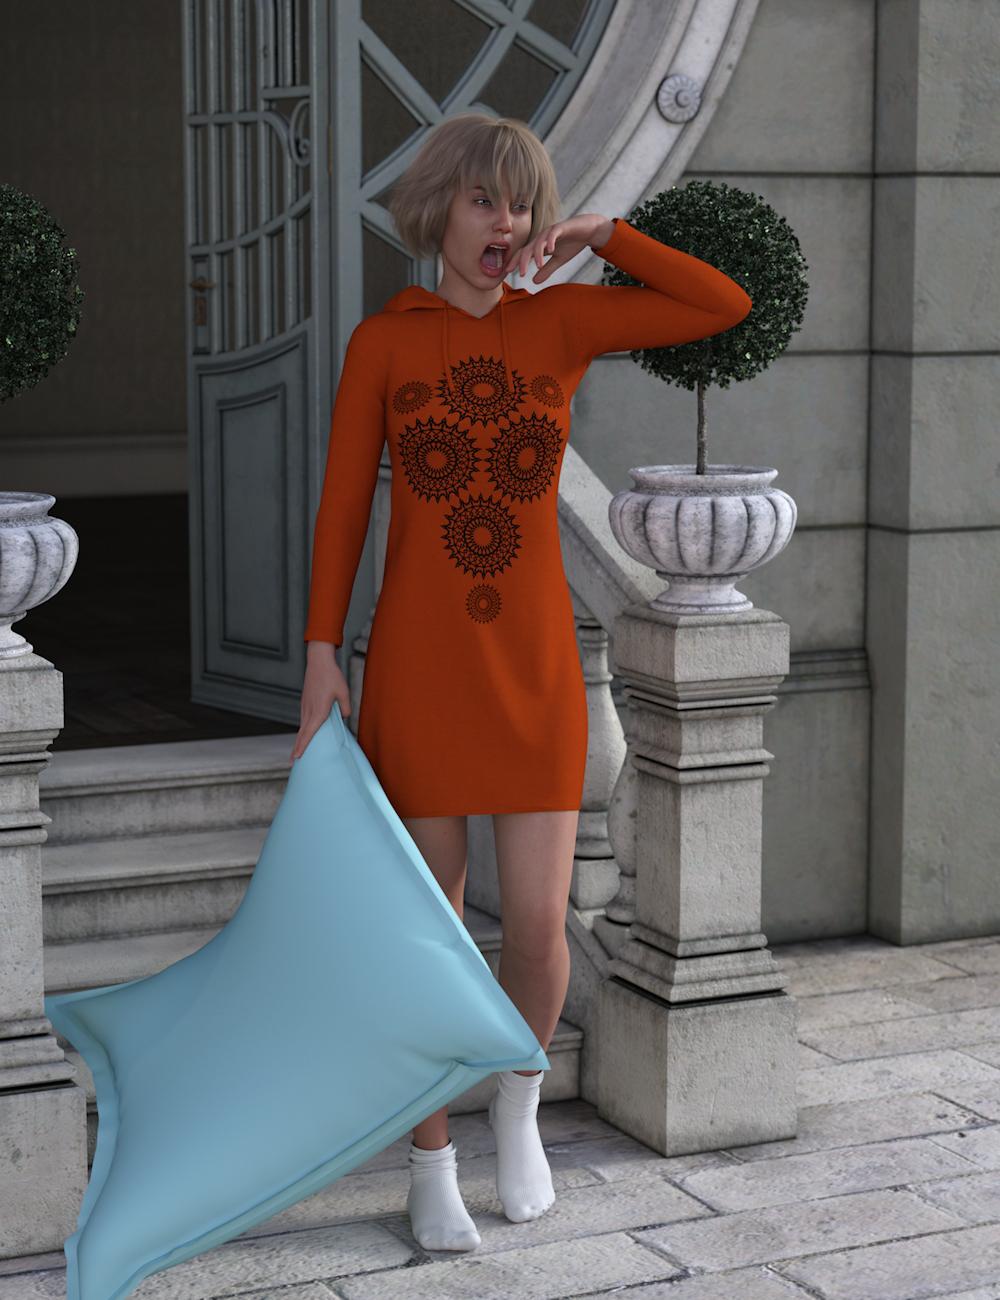 dForce Hoody Dress for Genesis 8 Female(s) by: Aquarius, 3D Models by Daz 3D